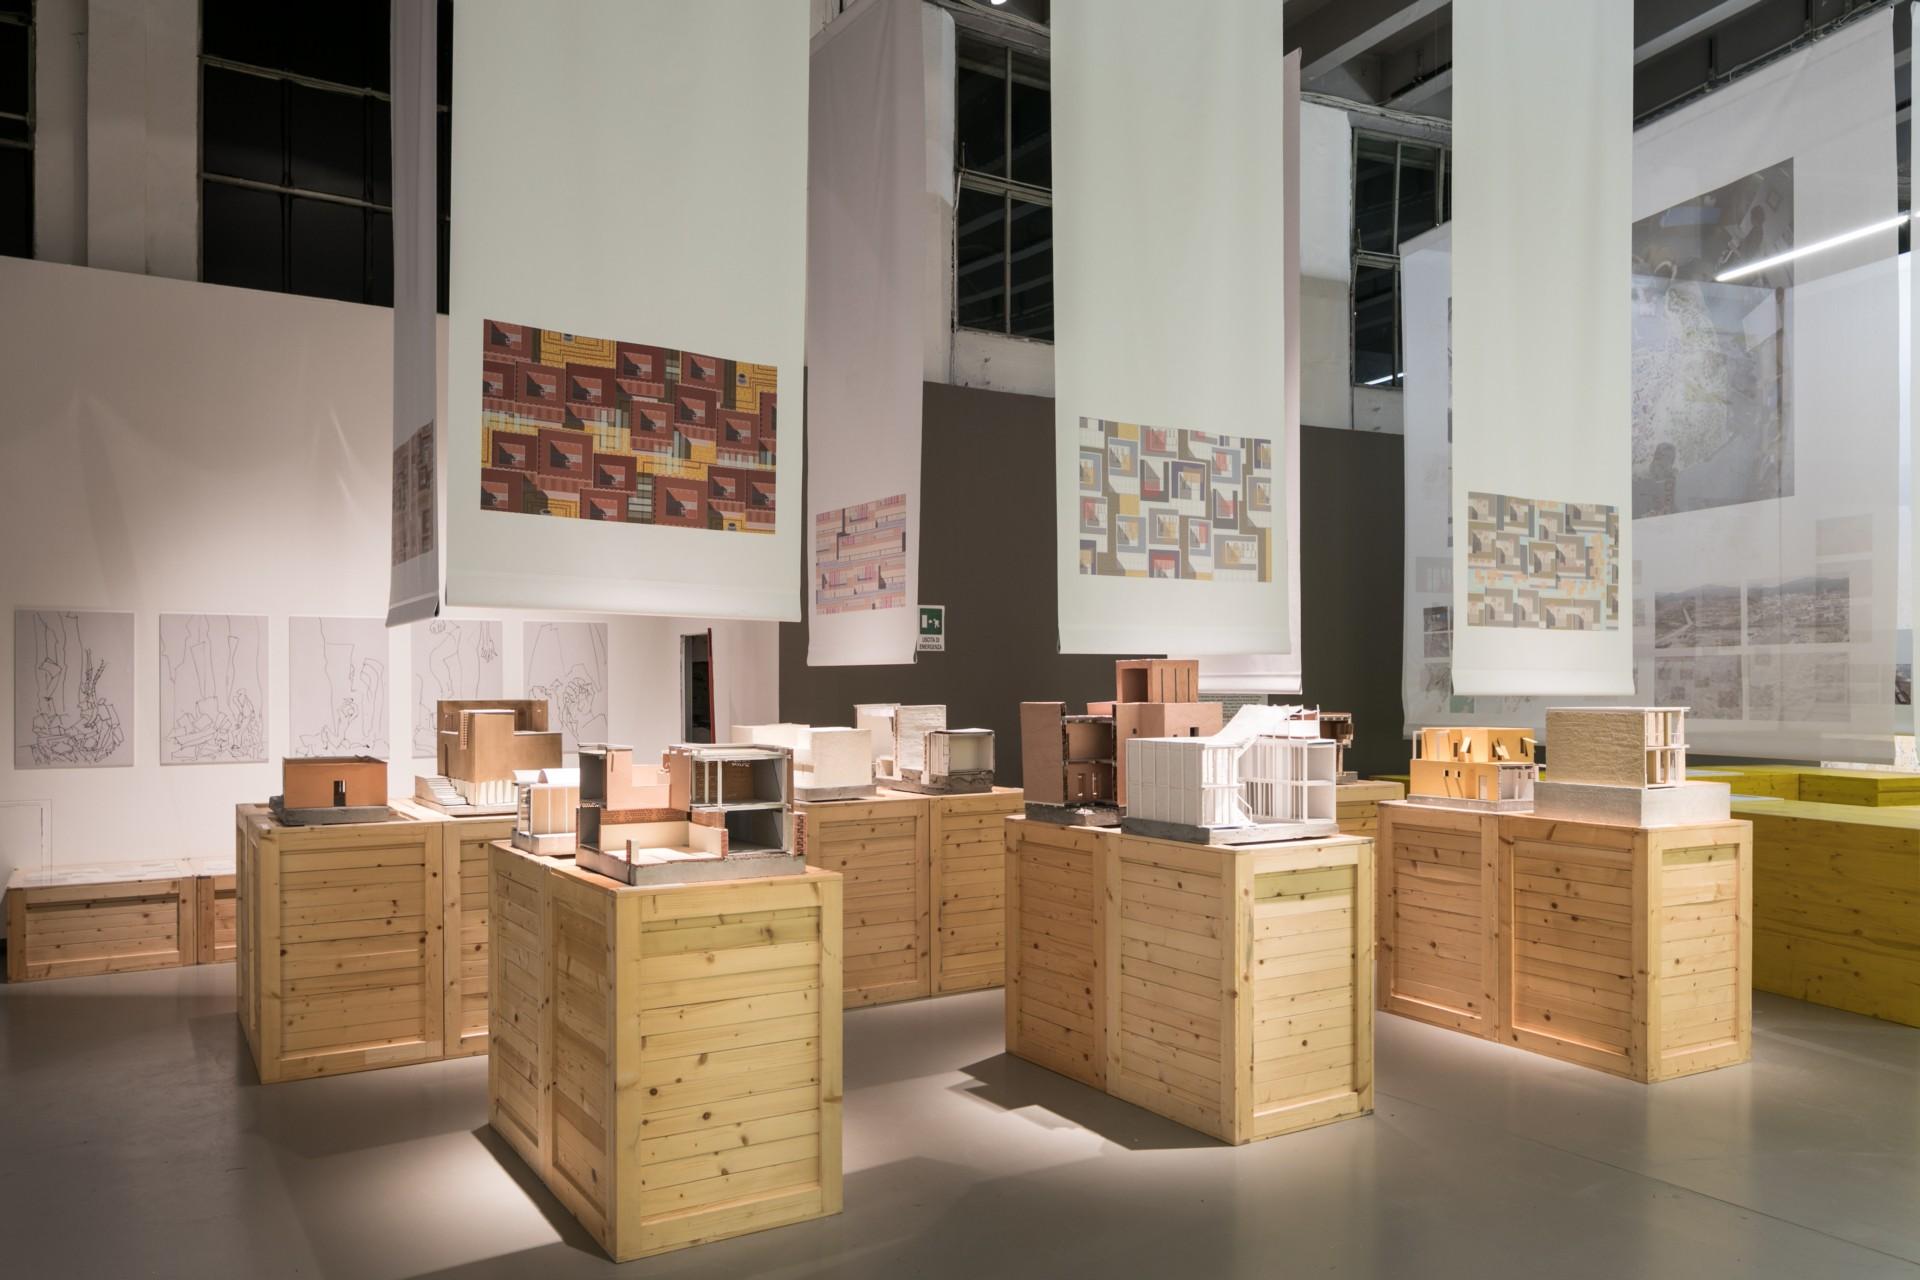 exposiciones Arquitectura Reconstruccion y Patrimonio Construido en la Trienal de Milan | Floornature